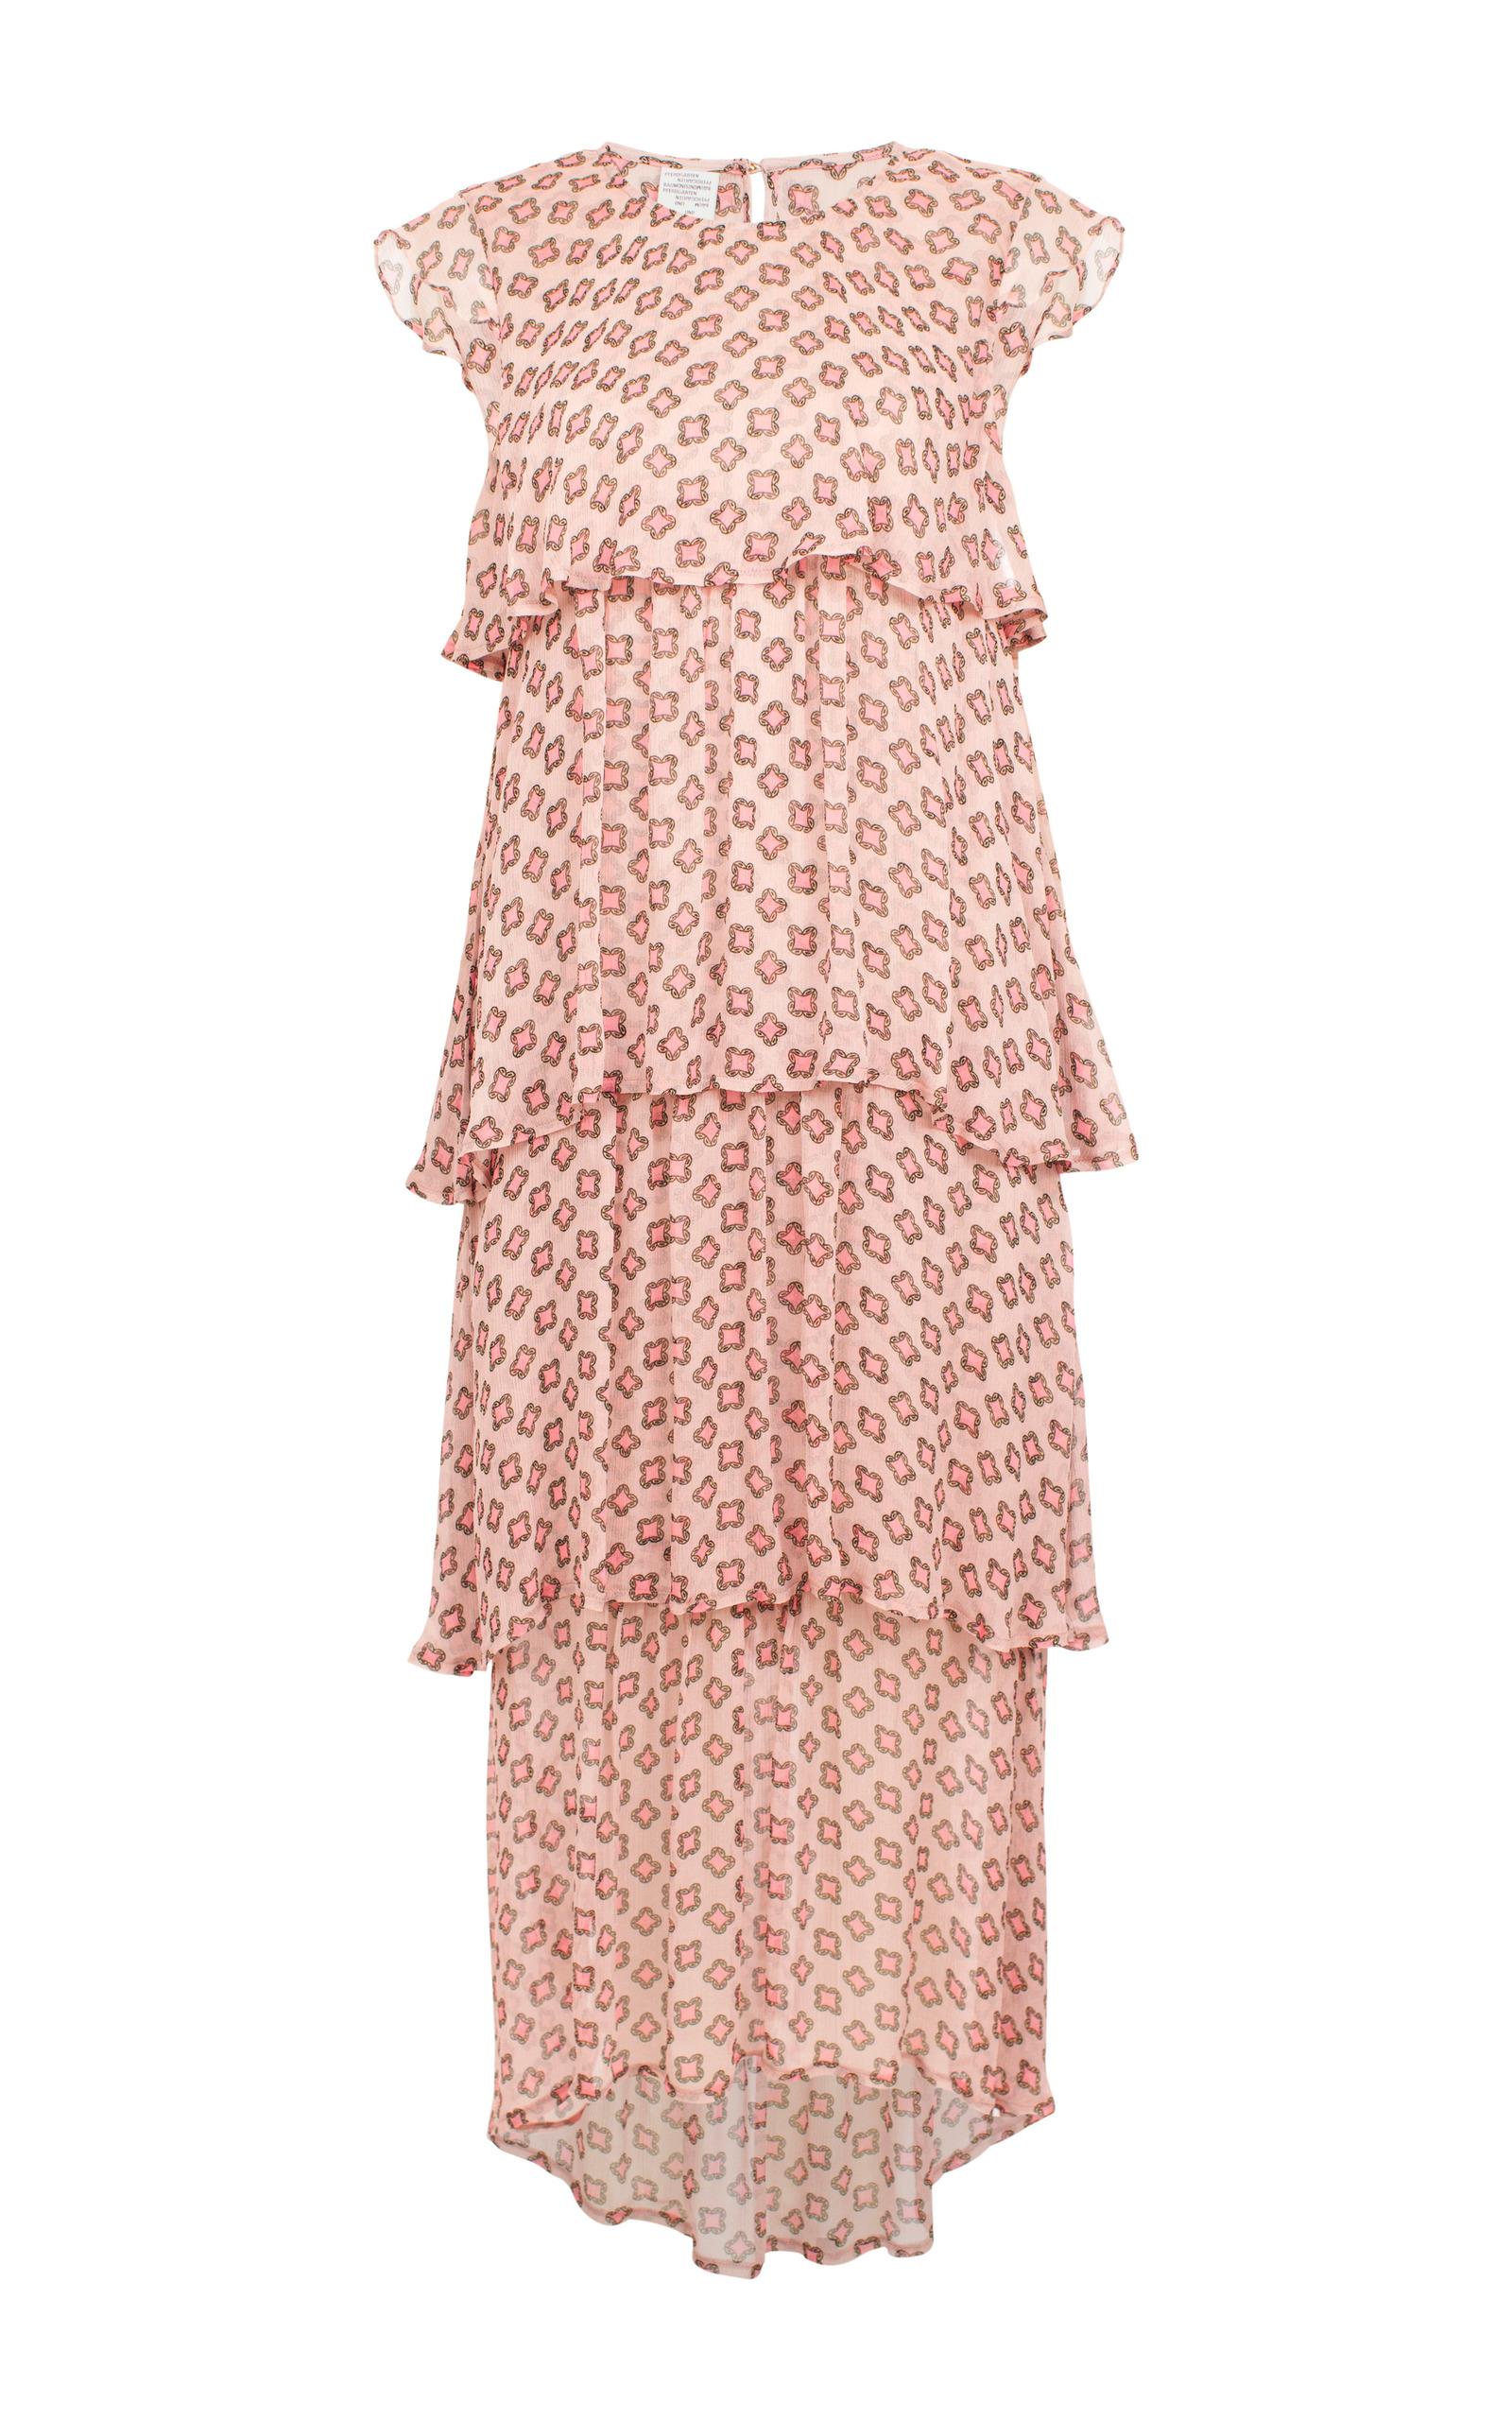 Choice Online Baum und Pferdgarten Sleeveless Maxi Dress Cheap Genuine Enjoy Cheap Online Get Authentic Cheap Online rz4FXCO2